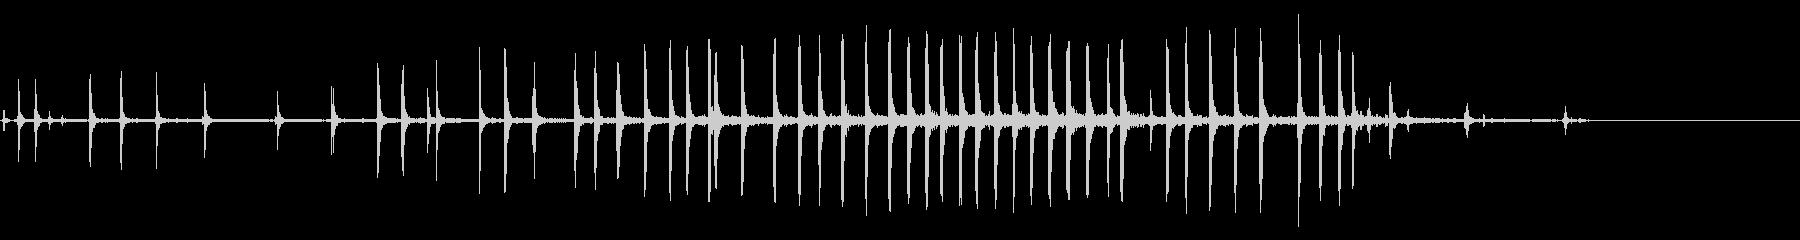 つまみネジターンX 10の未再生の波形